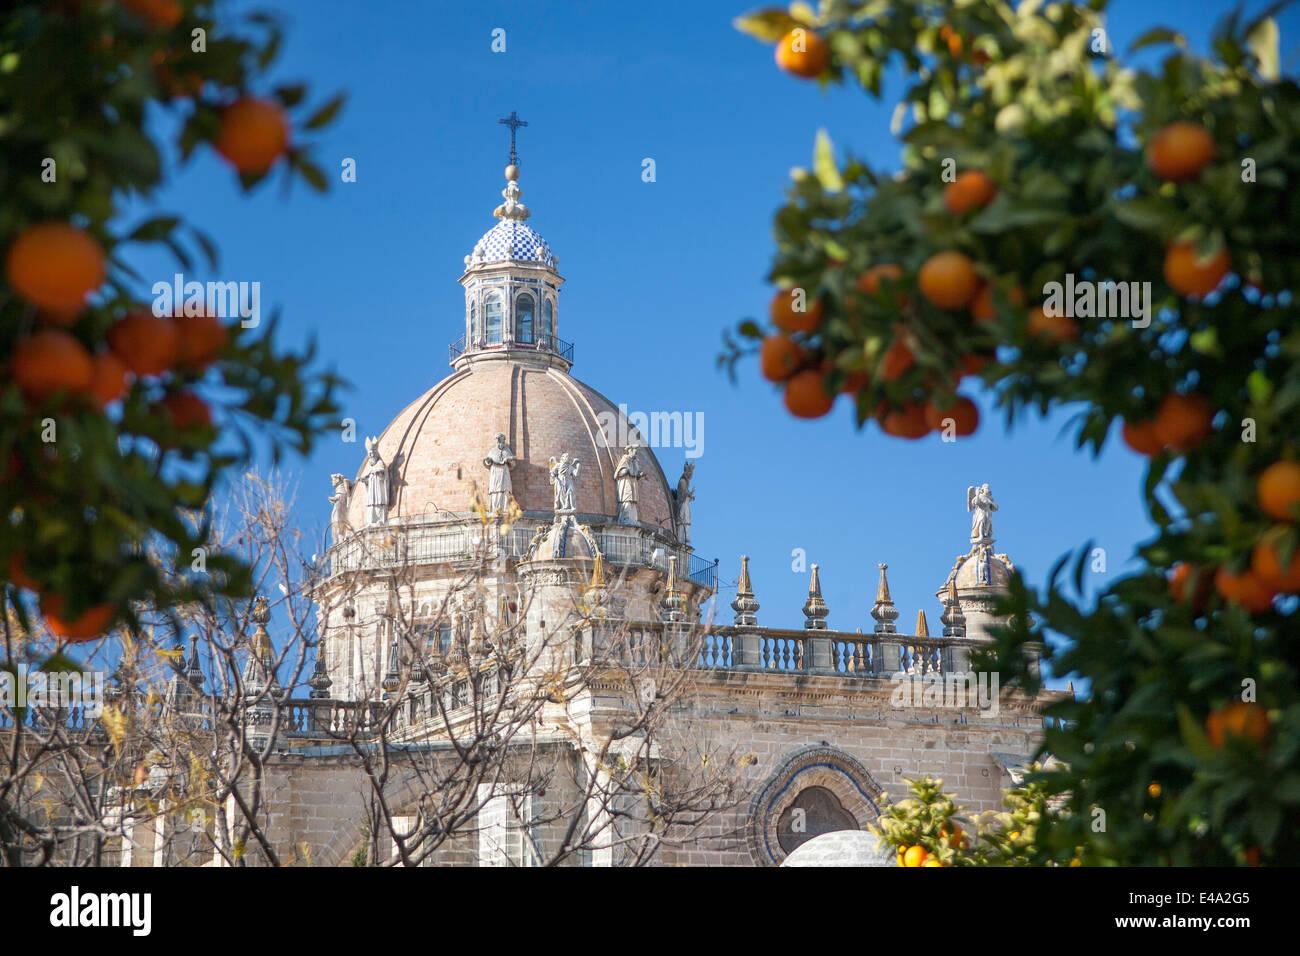 Kathedrale von Jerez Kuppel und Orange Bäume Früchte. Stockbild